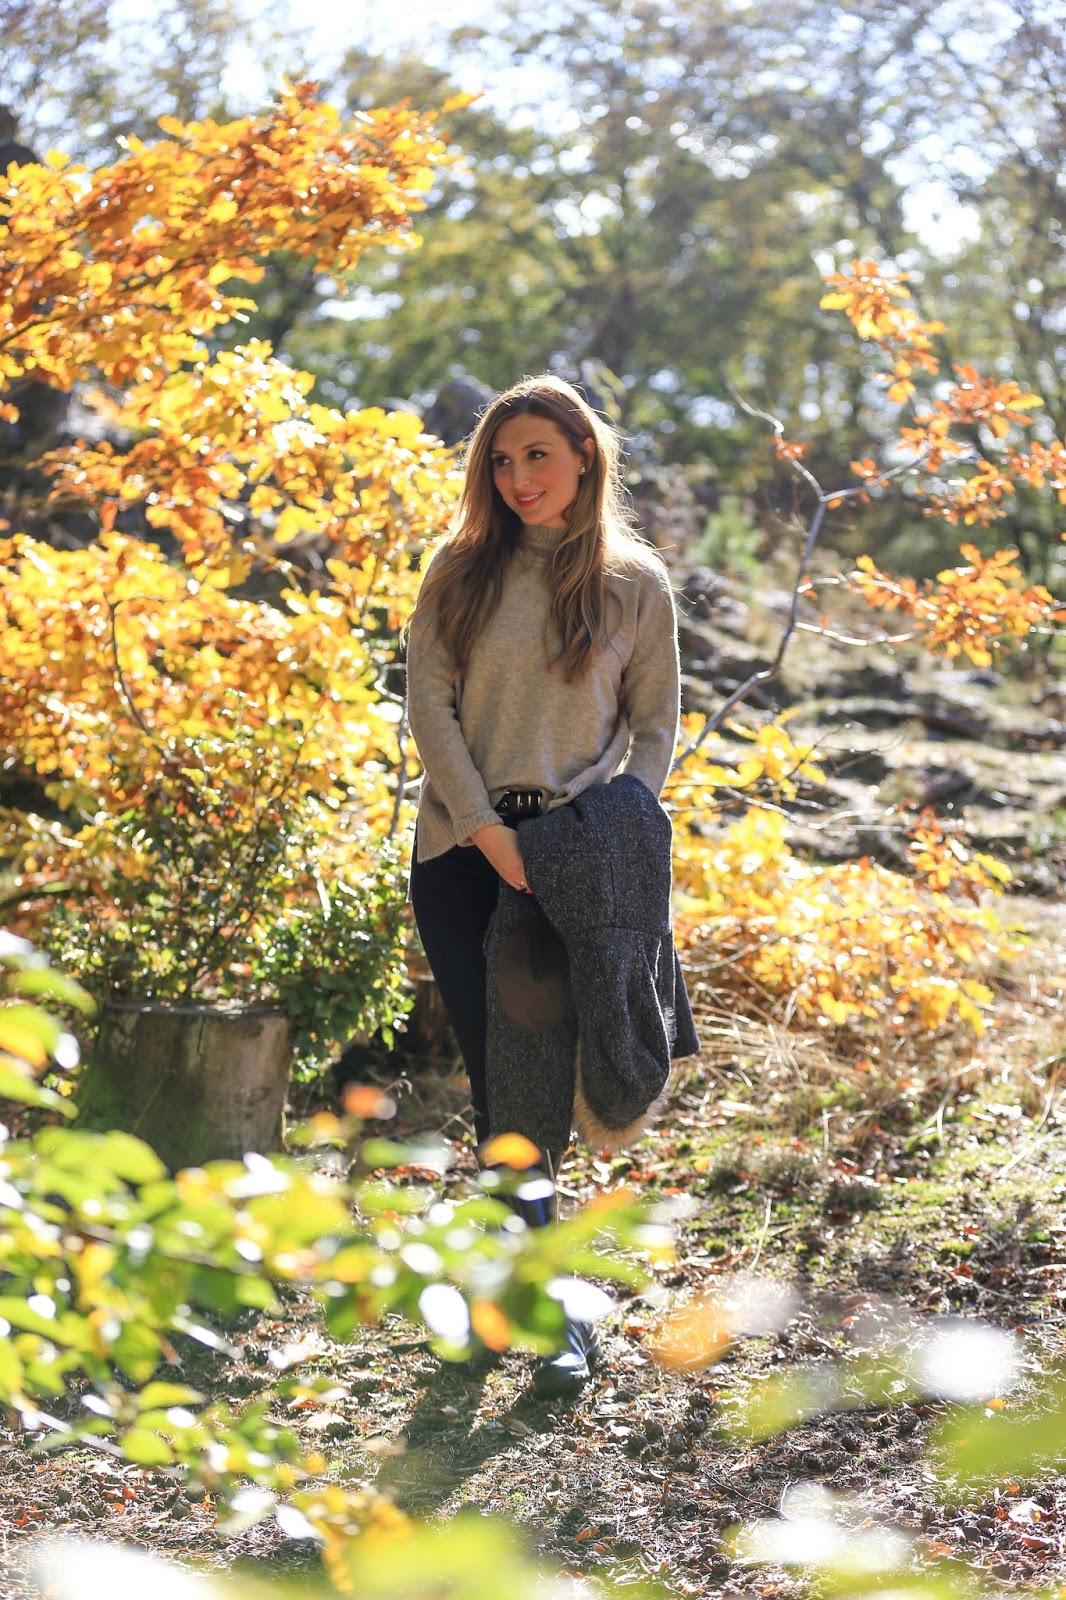 Allgäu-Herbstbilder-herbstlicher-look-HerbstOutfit-schwarze-skinny-jeans-österreich